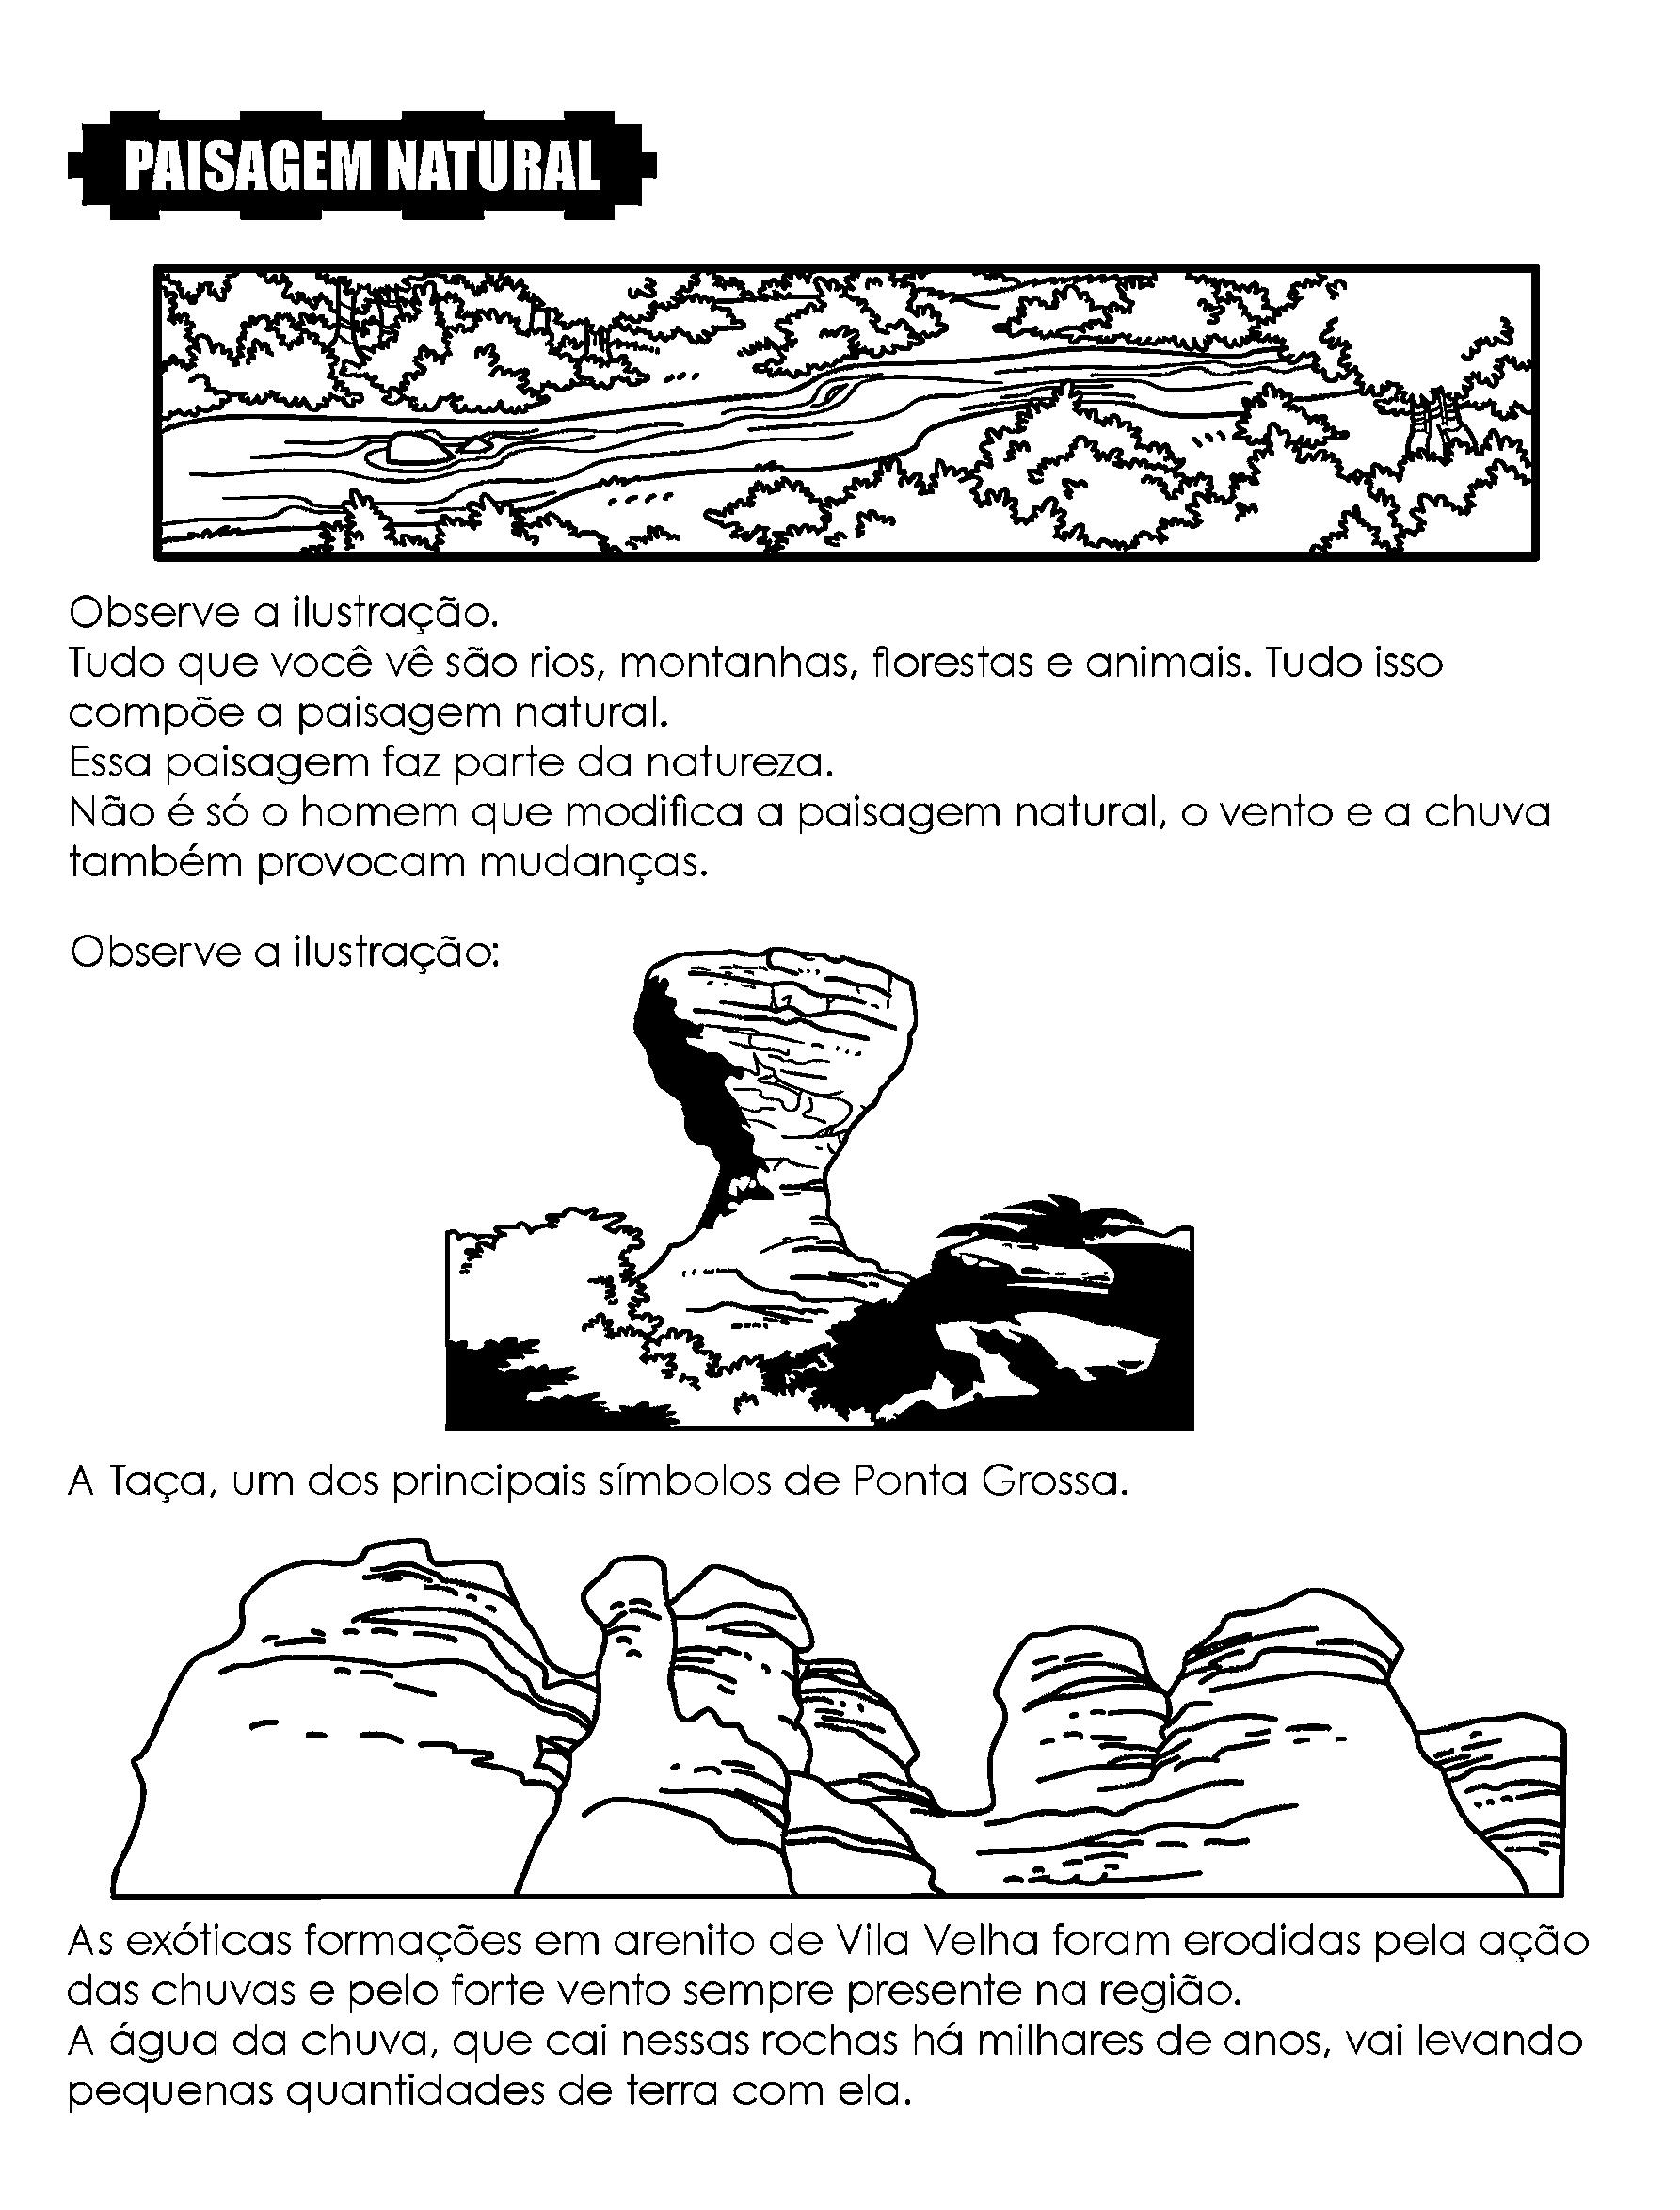 Paisagem Natural - Introdução